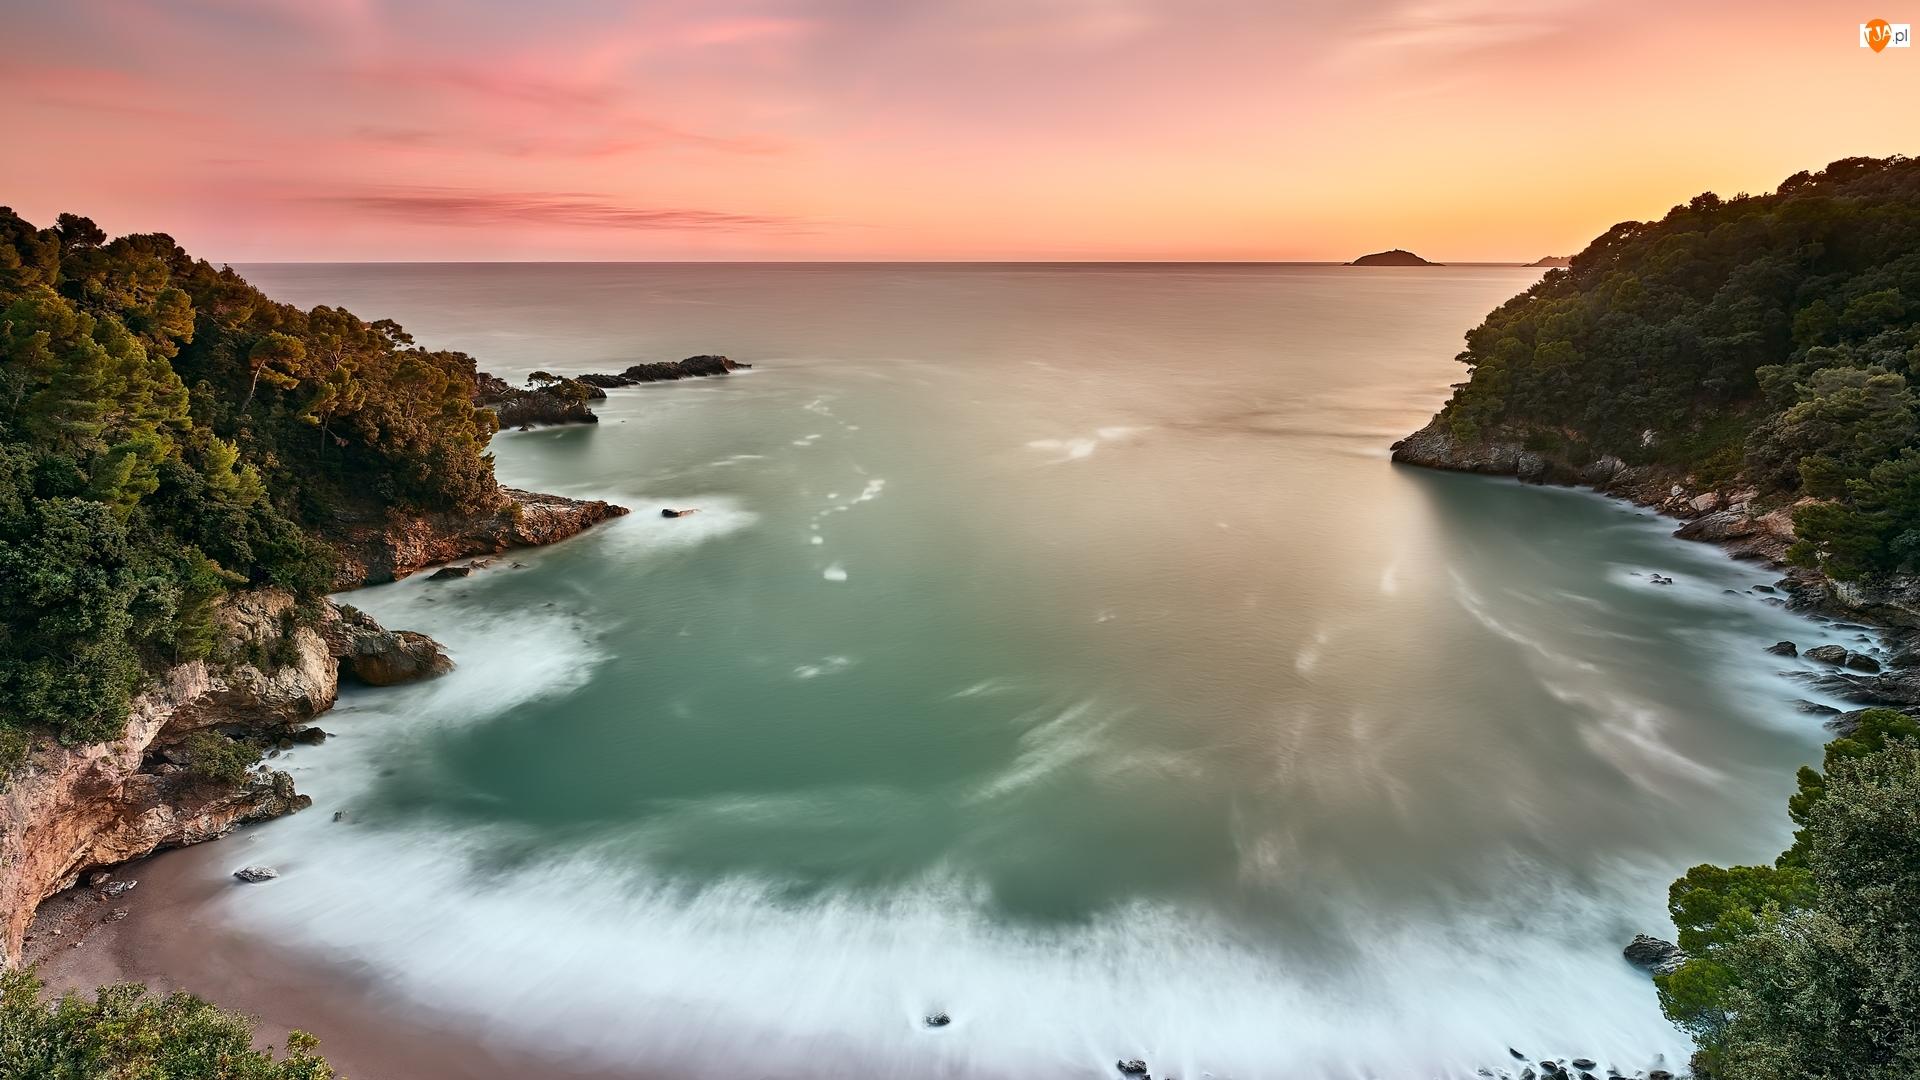 Zatoka, Zachód słońca, Skały, Morze, Roślinność